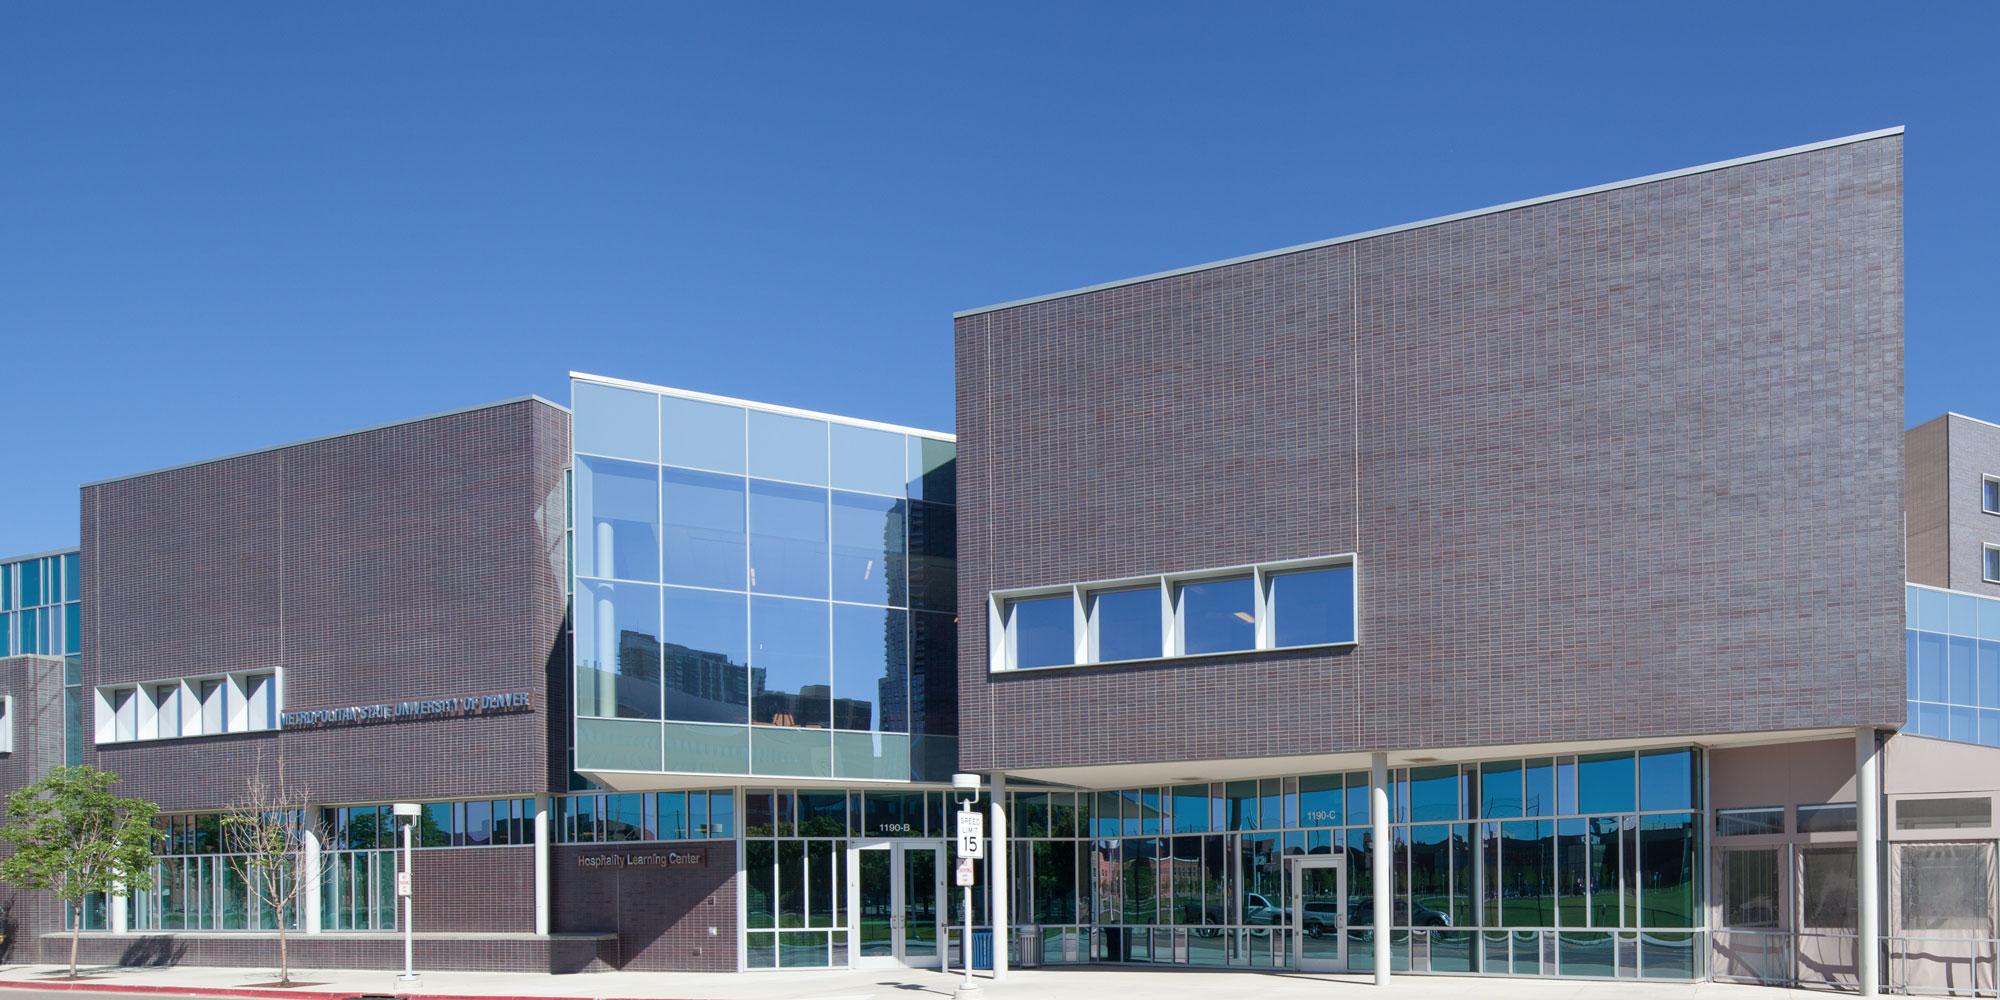 Metropolitan State University of Denver - by Endicott